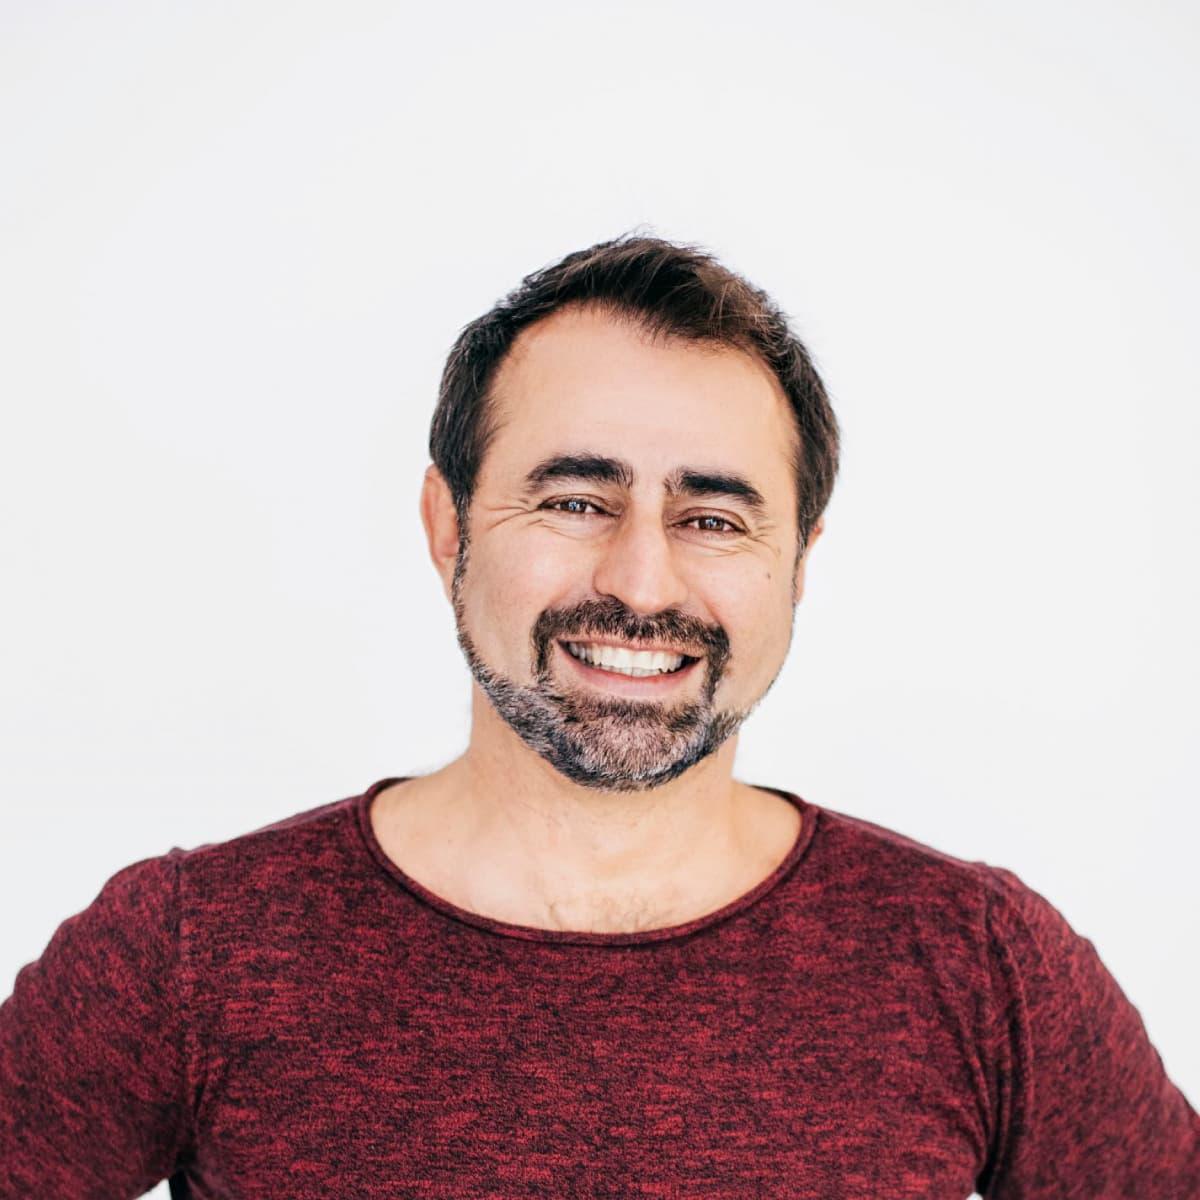 Manuel Lara